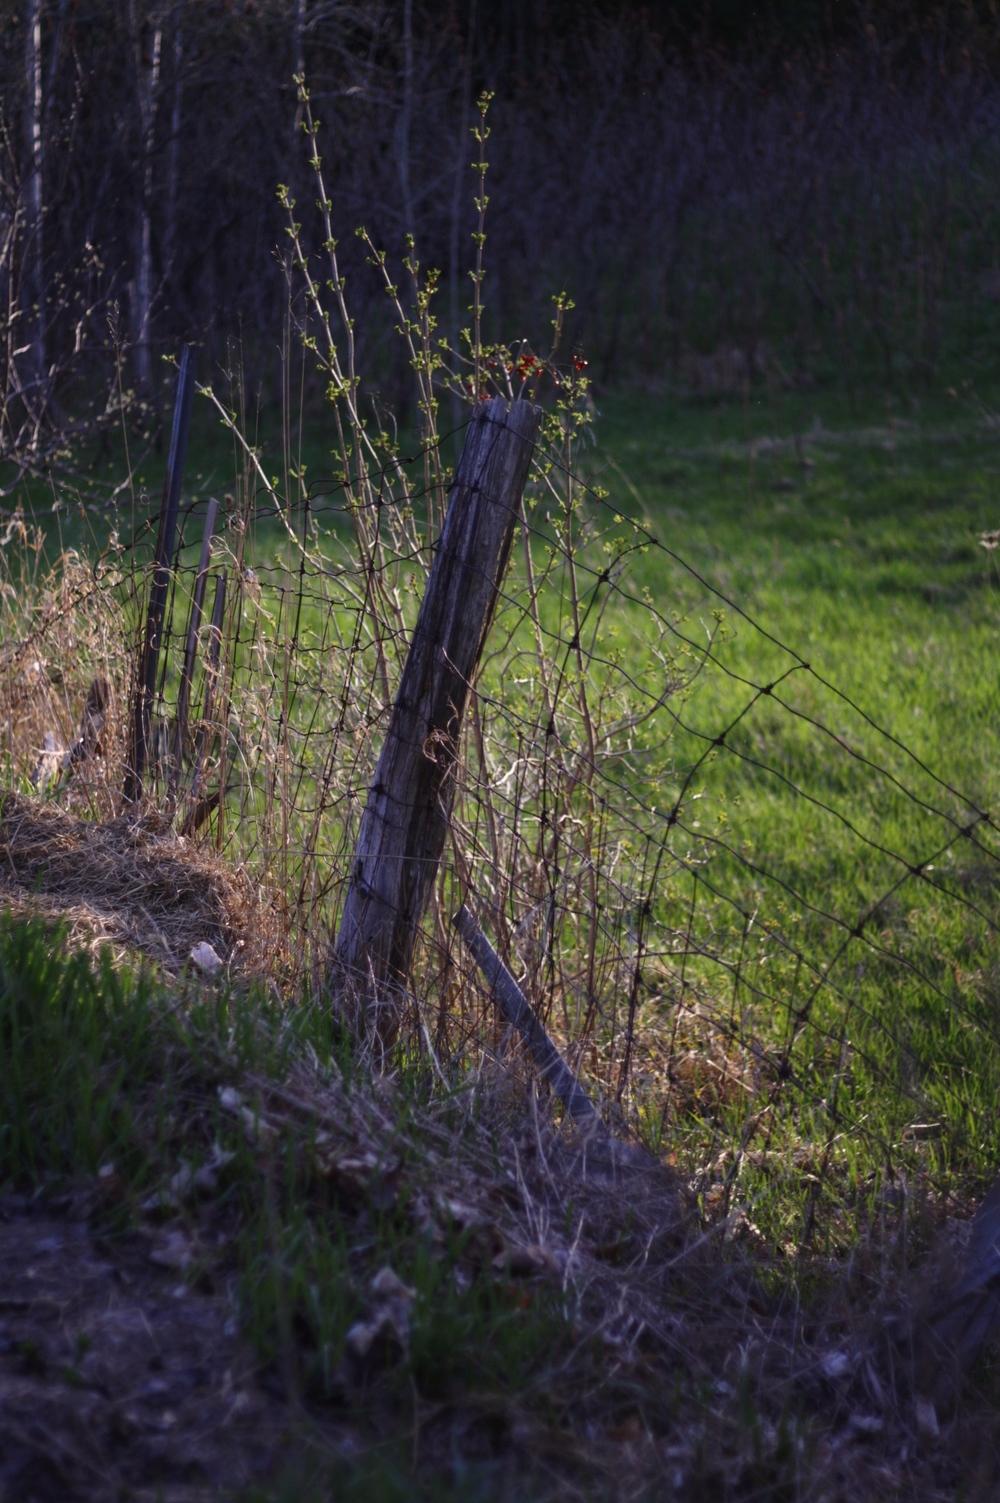 Poet's fence.